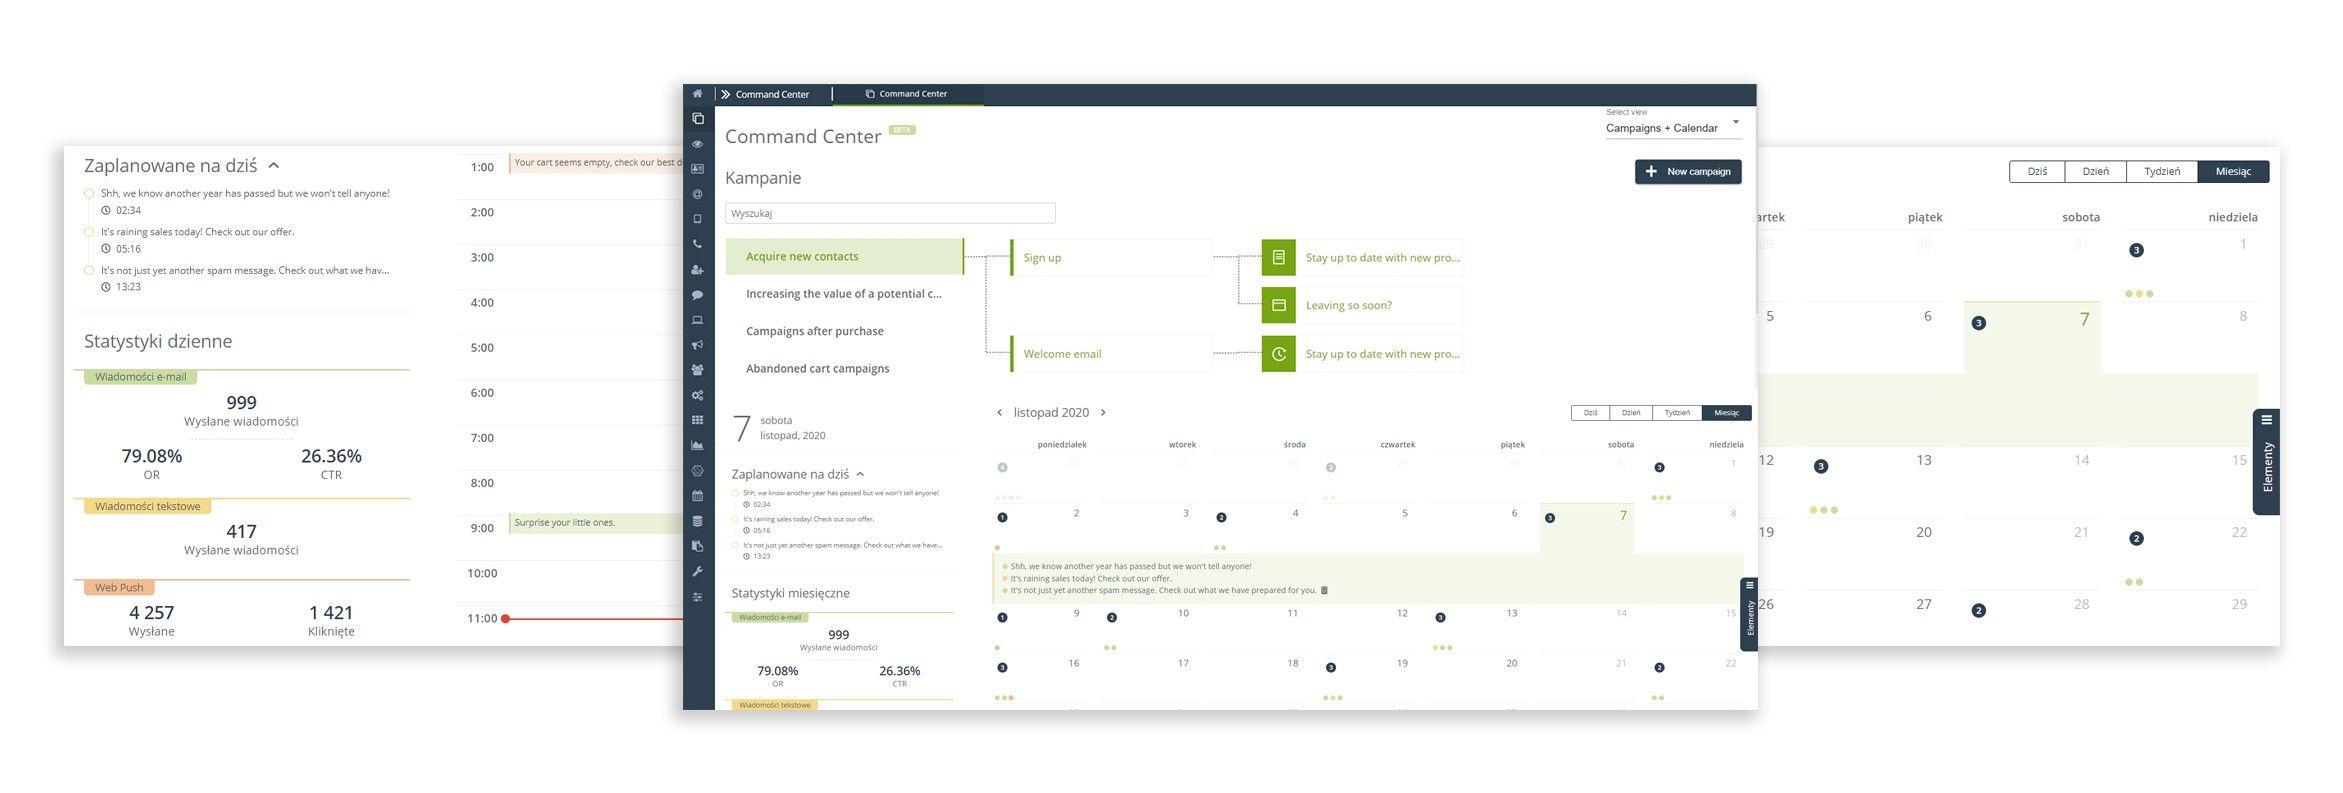 [Nowa funkcjonalność] Command Center wyznacza nowy standard UI do zarządzania zorientowanymi na KPI wielokanałowymi, wielofunkcyjnymi i wielozadaniowymi procesami marketingowymi.